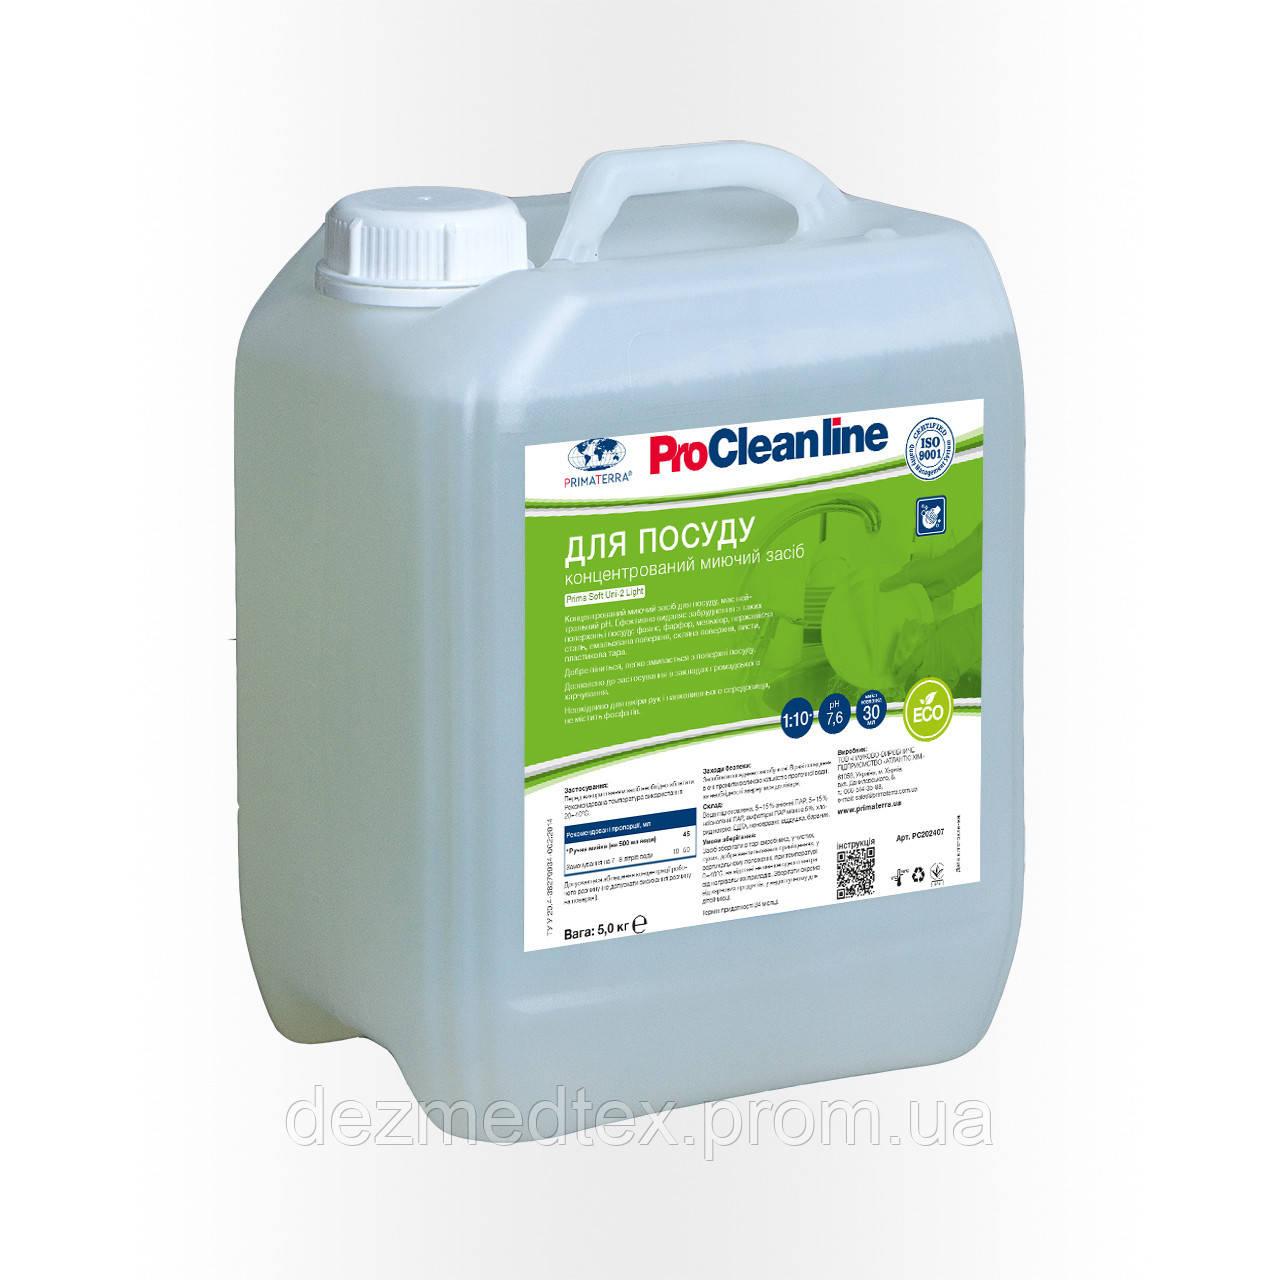 Моющее средство для посуды, концентрат (1/10), PRIMATERRA Uni-2 light (5кг)